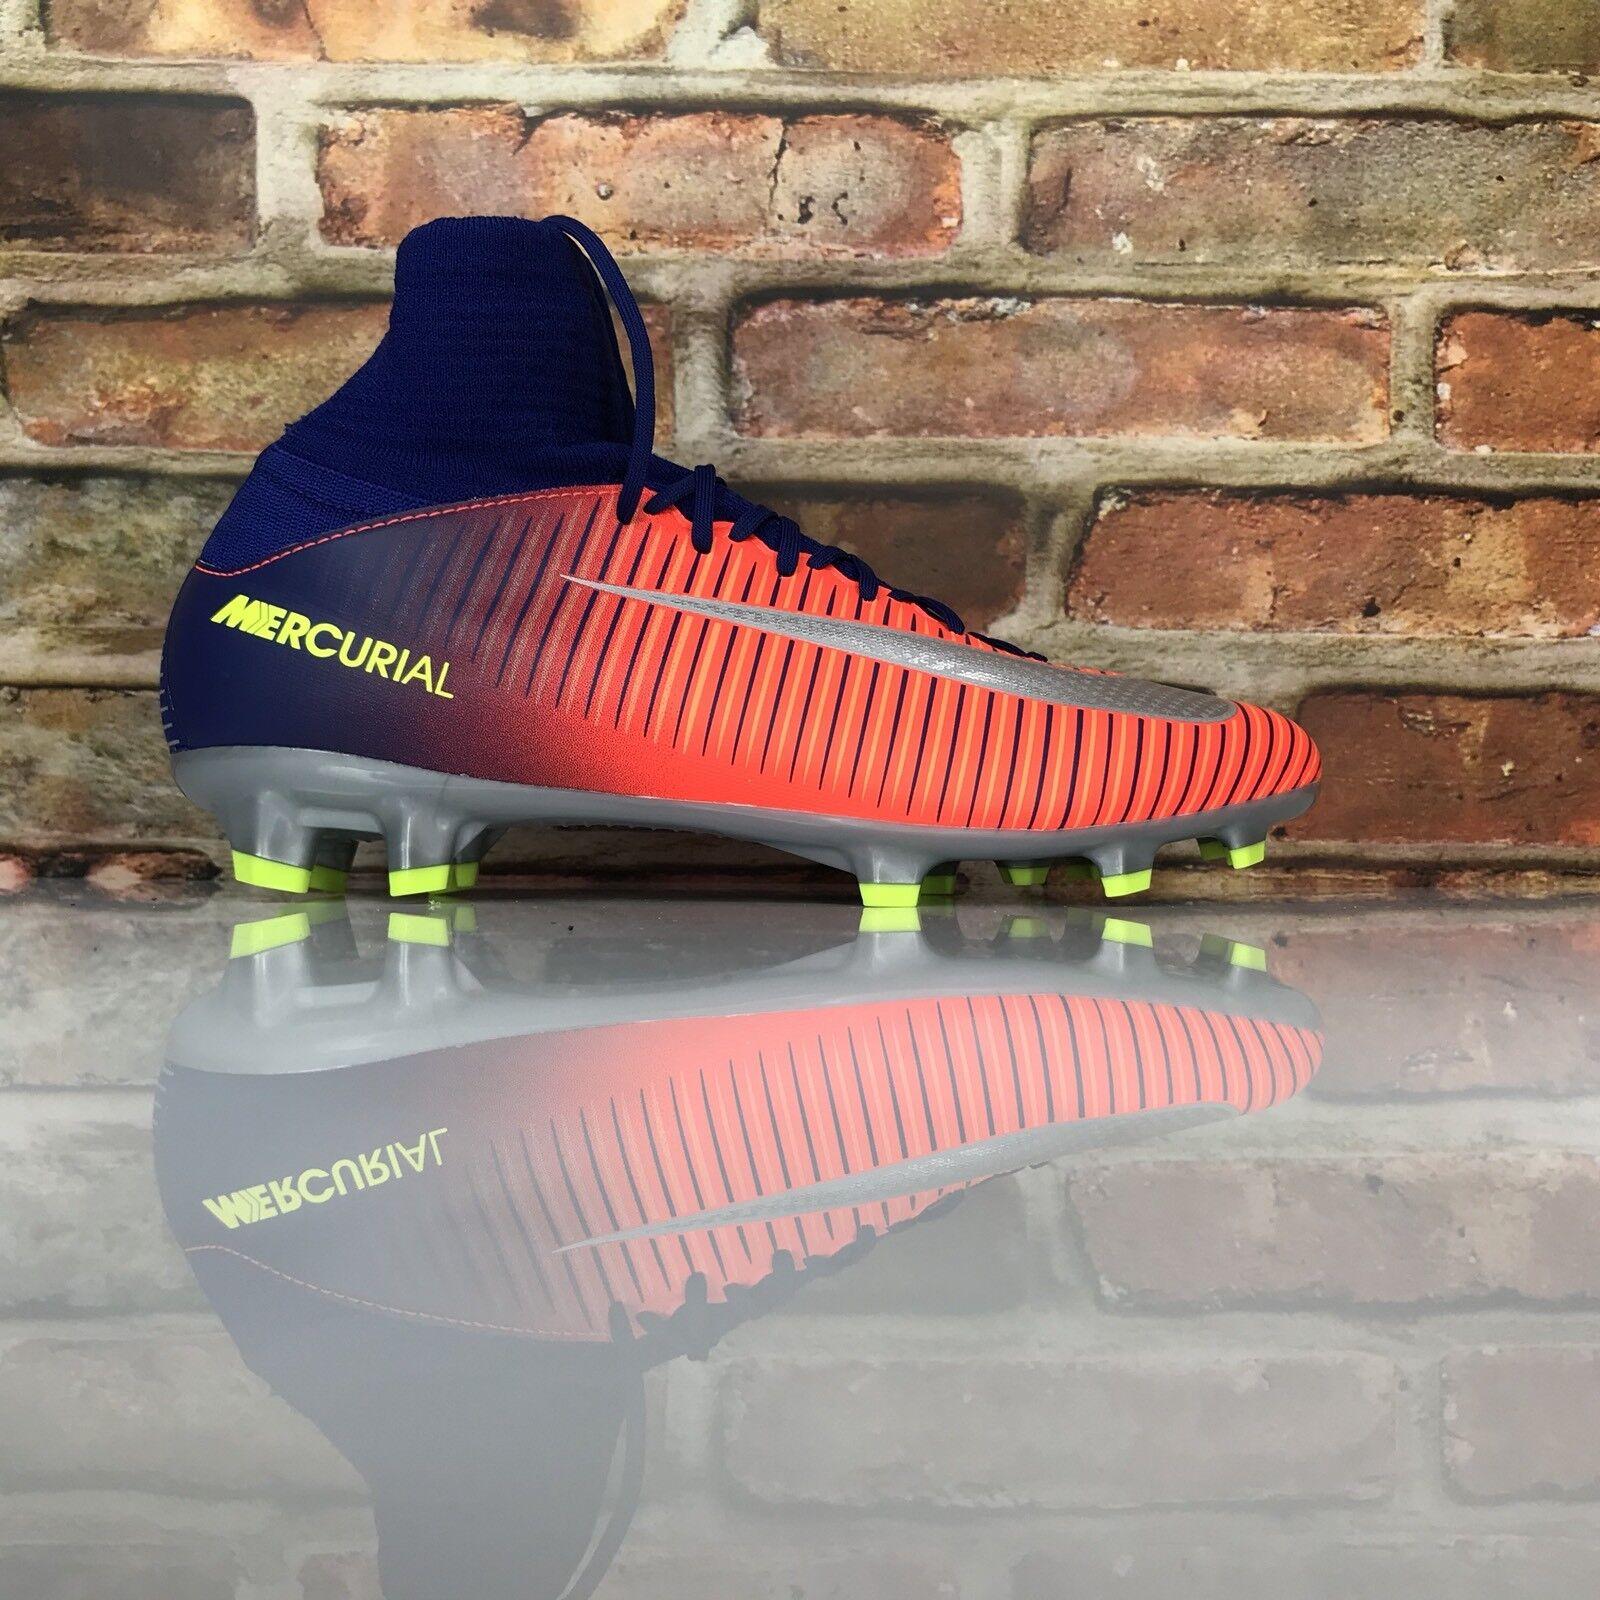 timeless design f61e6 73903 Nike Bambini Al Mercurio Superfly V Fg Scarpe Tacchetti da da da Calcio  Arancione Blu f0292f